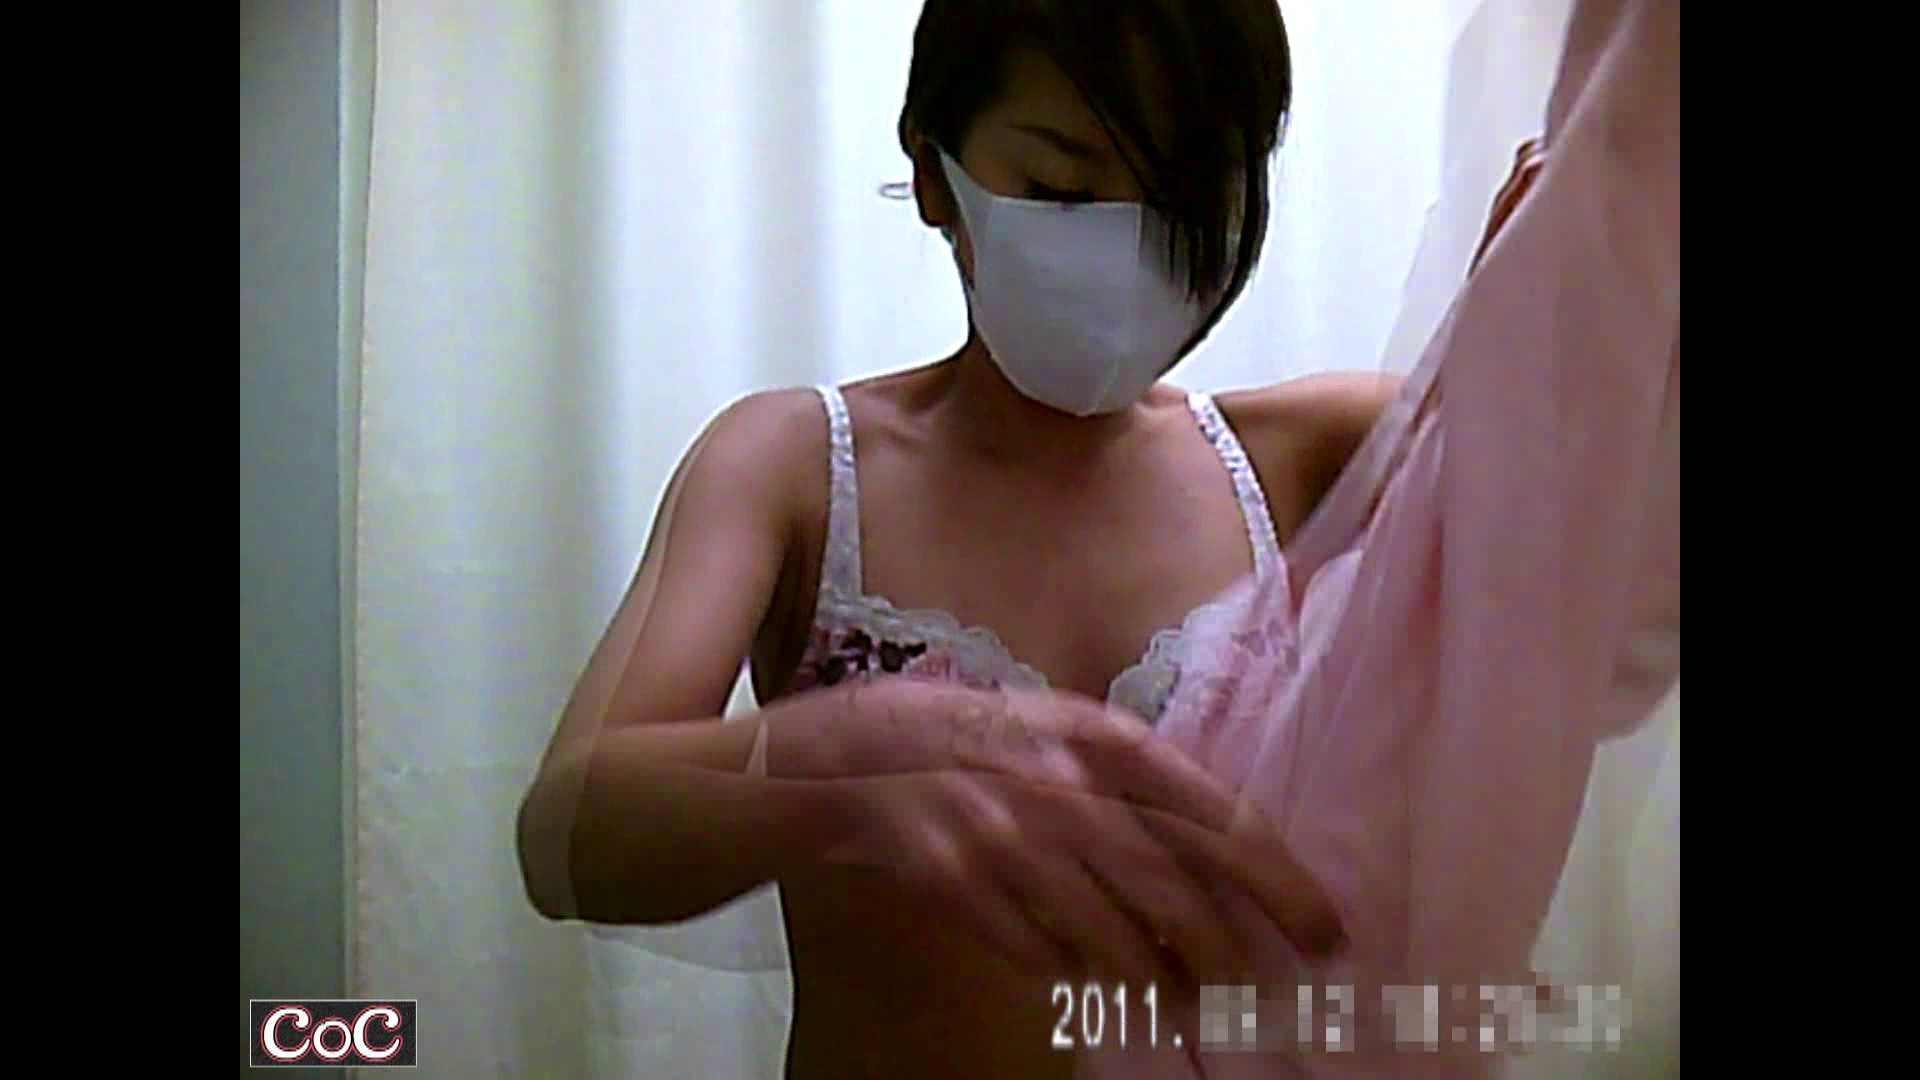 病院おもいっきり着替え! vol.24 乳首 | 着替え  57連発 1